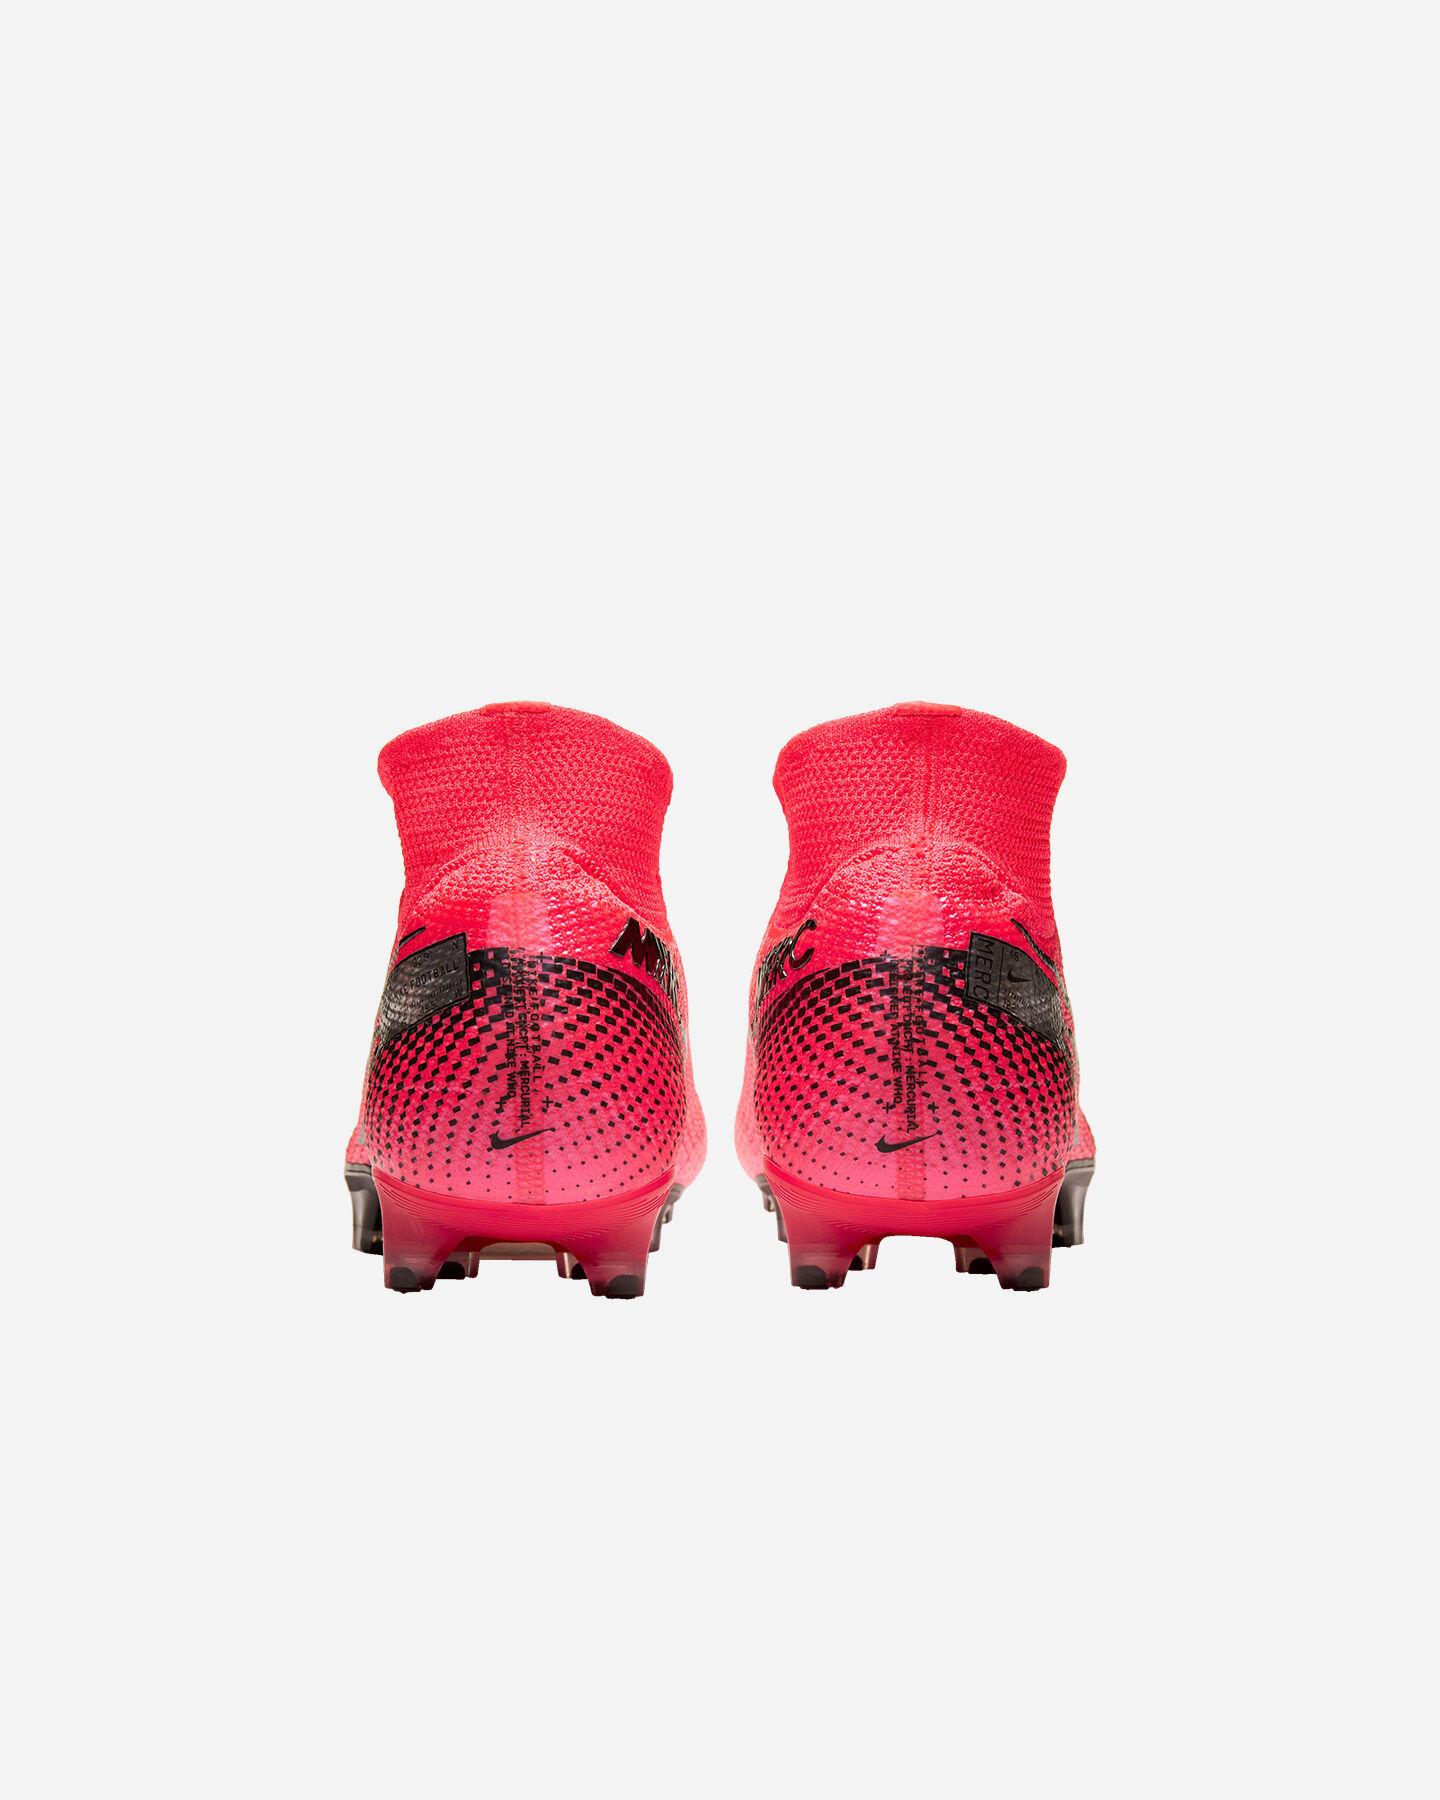 Scarpe calcio NIKE MERCURIAL SUPERFLY 7 ELITE FG M S5161391 scatto 4